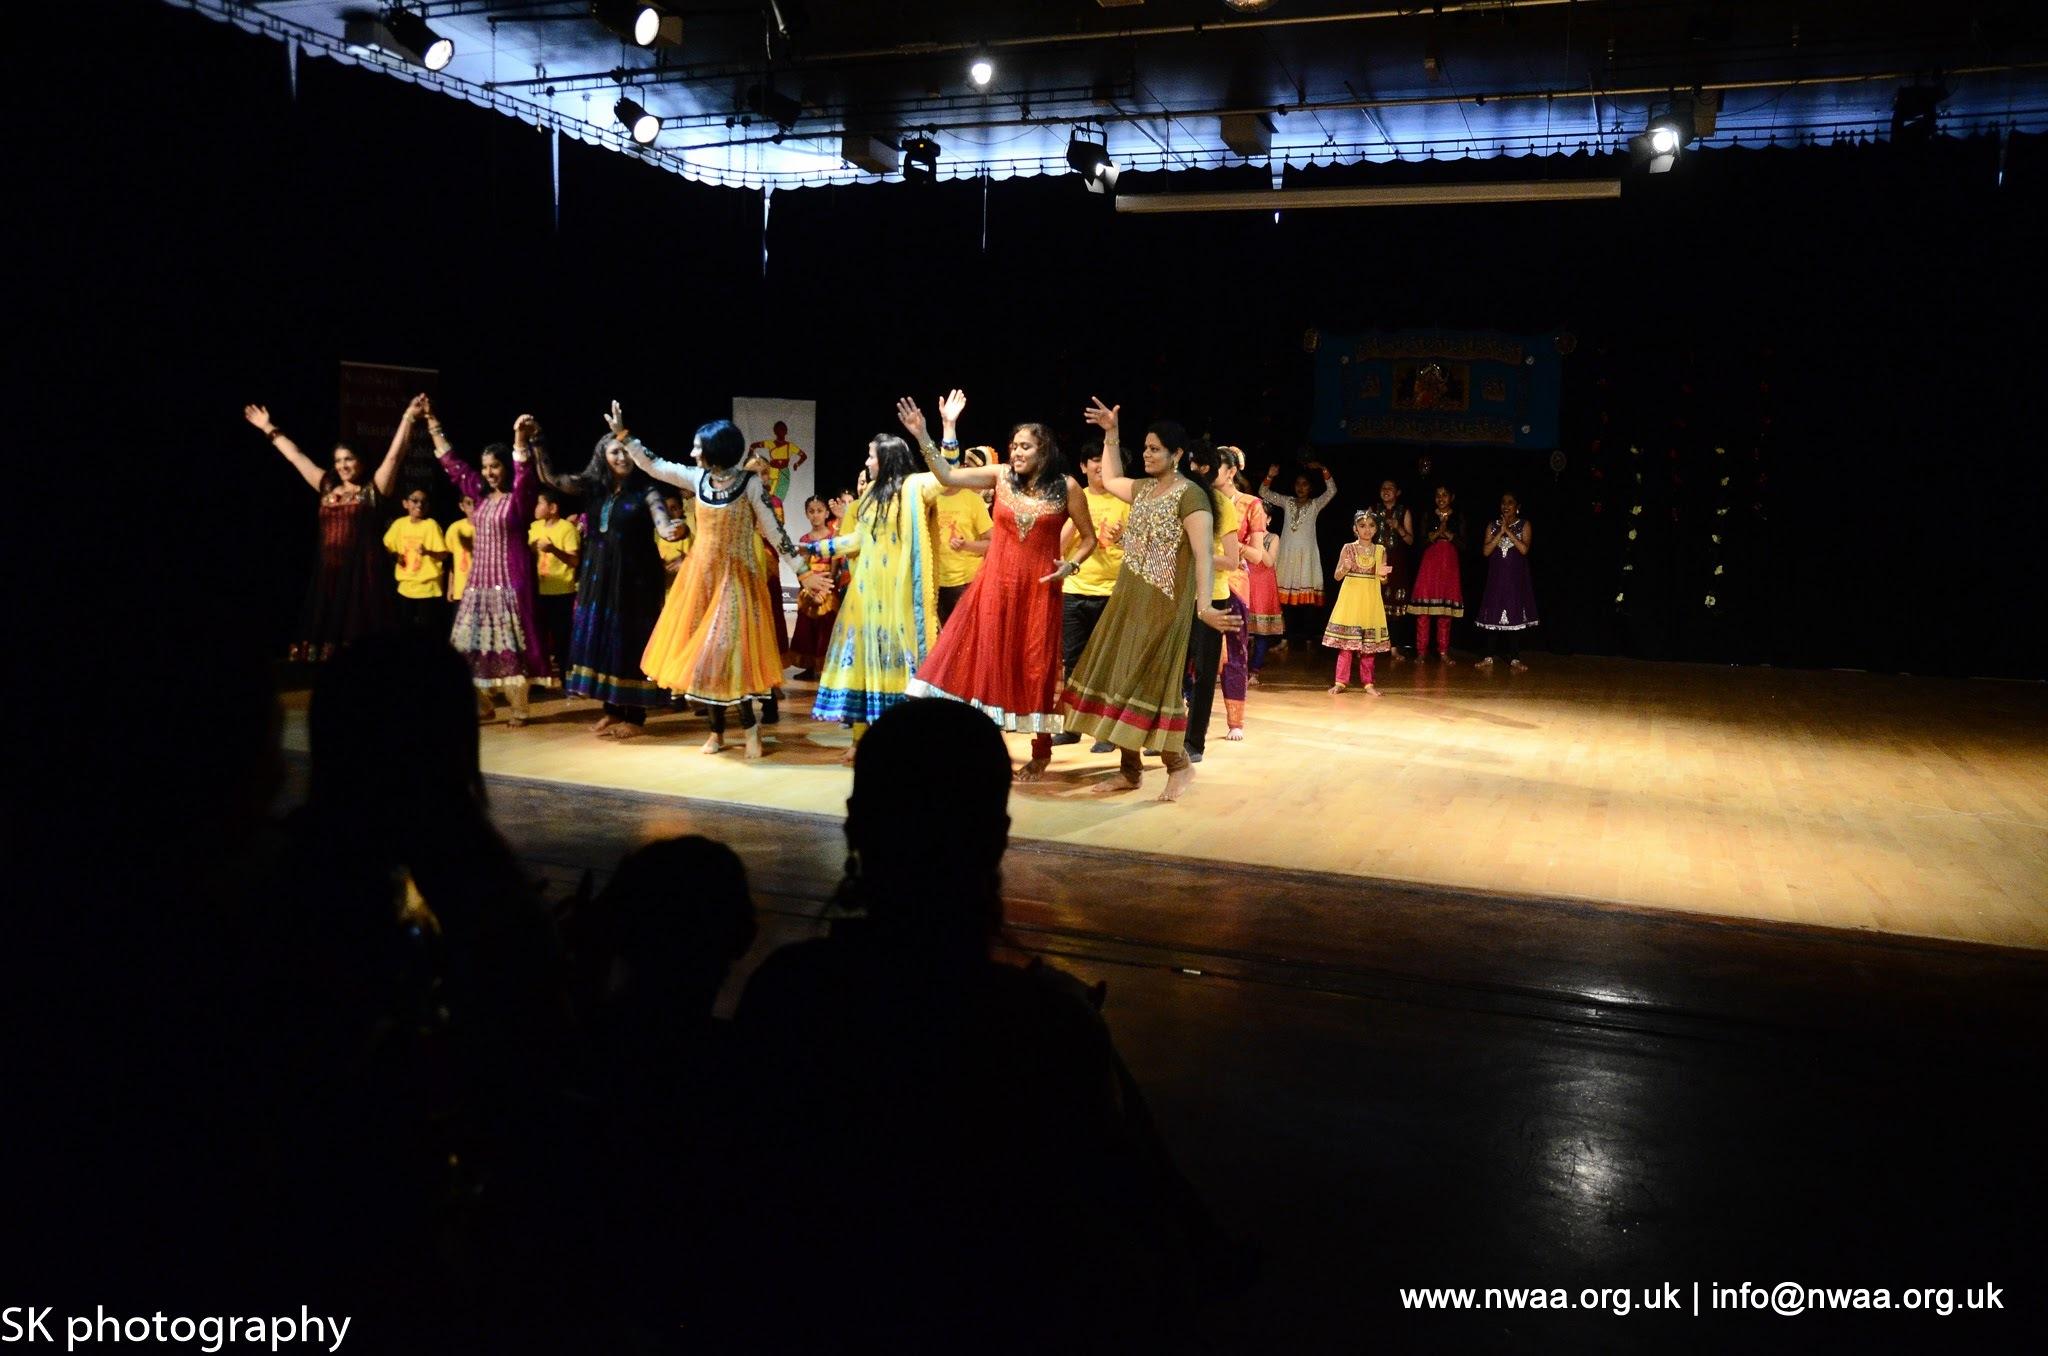 North West Asian Arts - Rhythm of India 2016